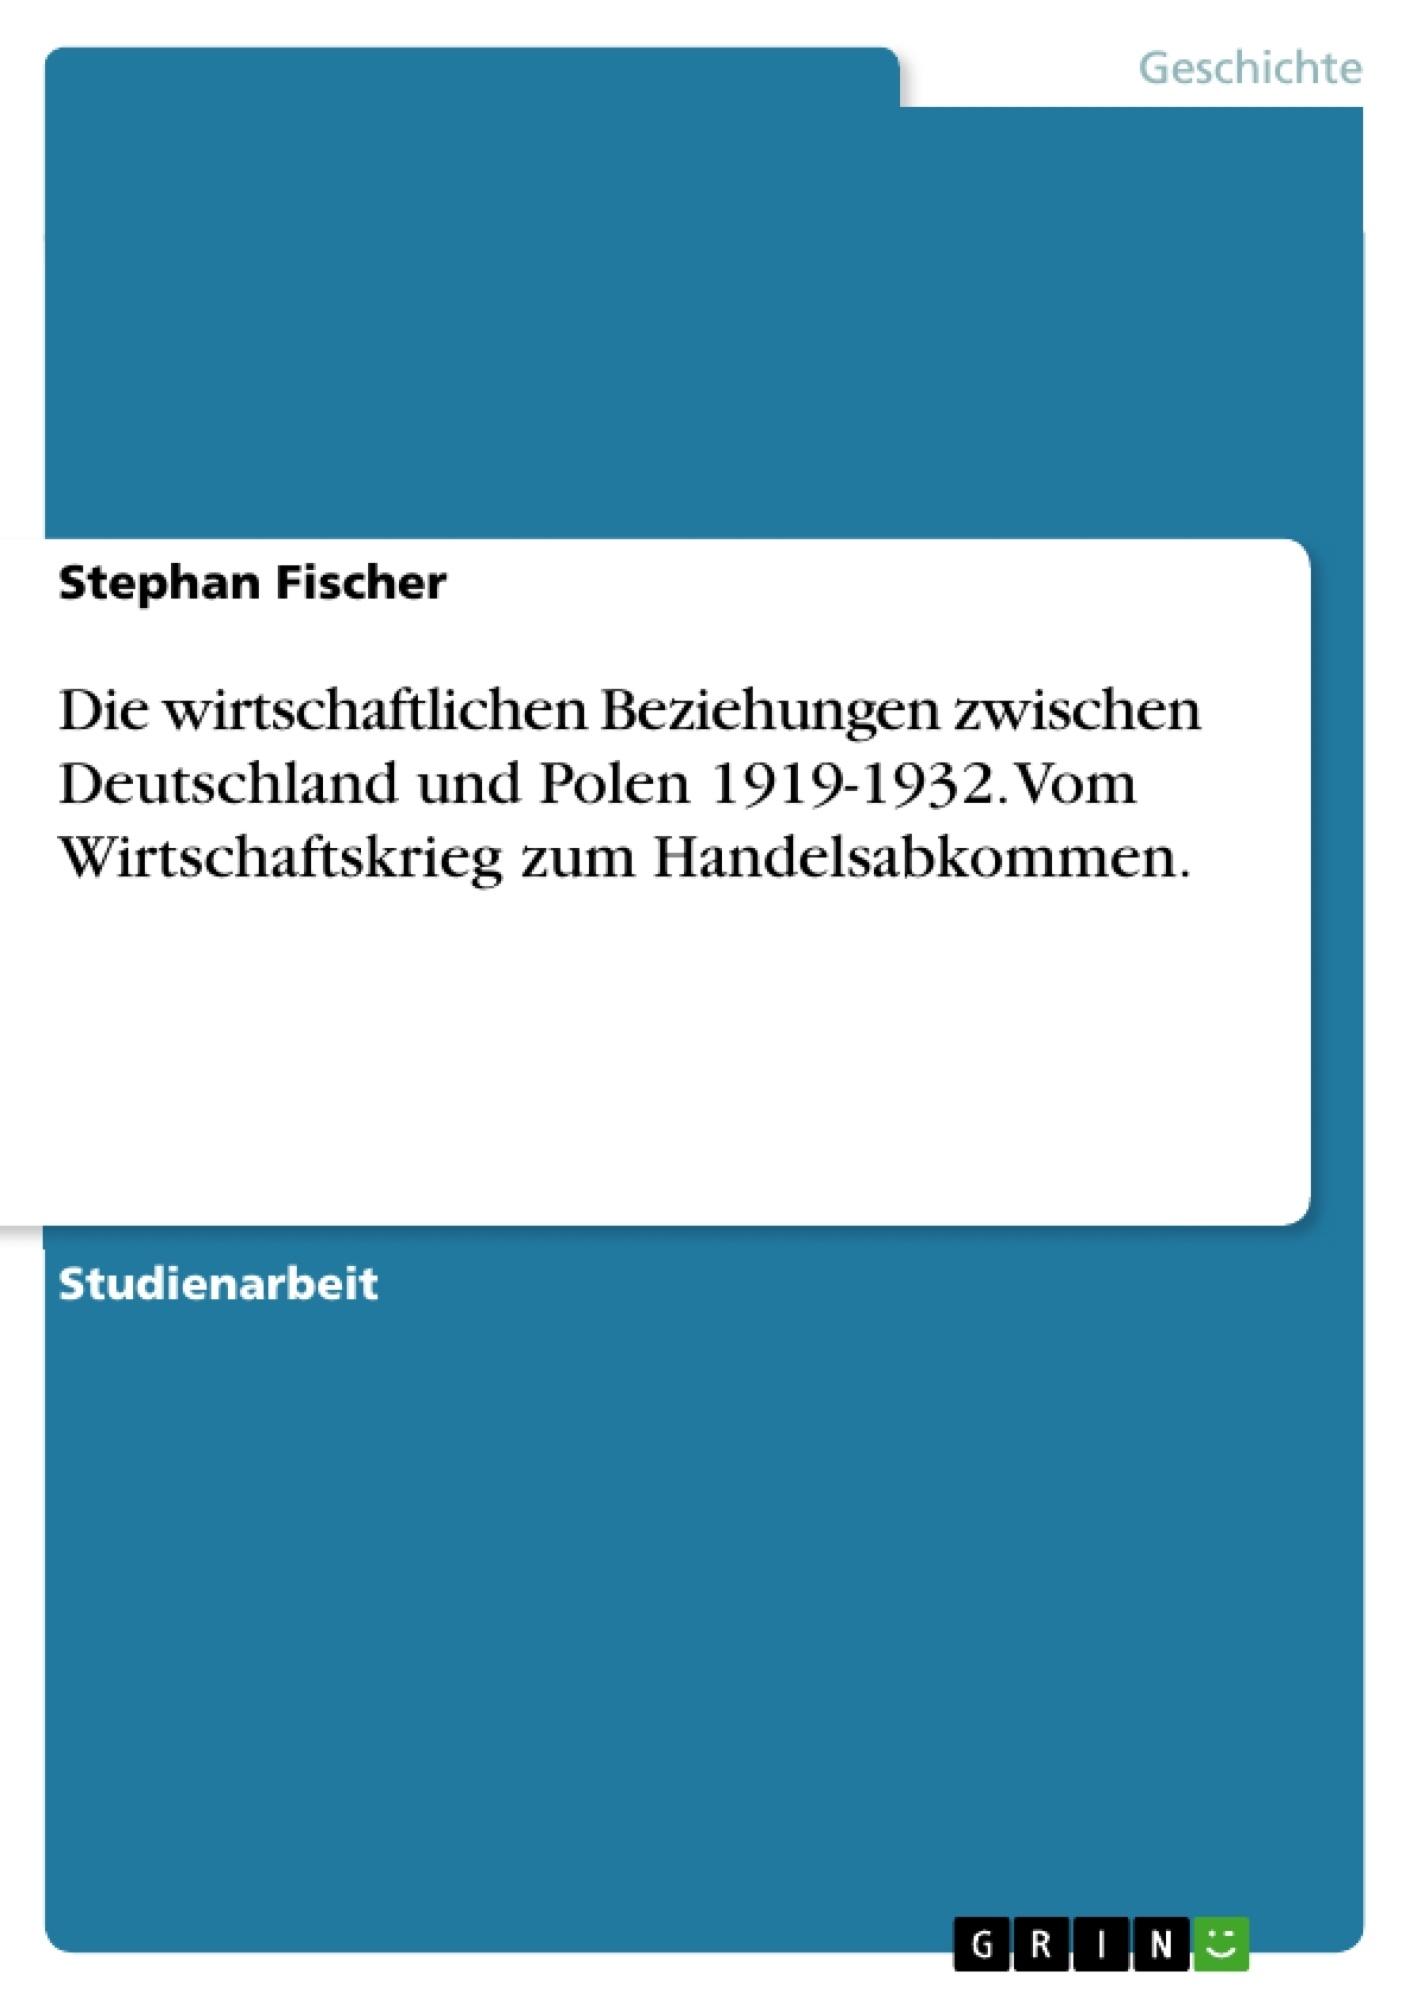 Titel: Die wirtschaftlichen Beziehungen zwischen Deutschland und Polen 1919-1932. Vom Wirtschaftskrieg zum Handelsabkommen.